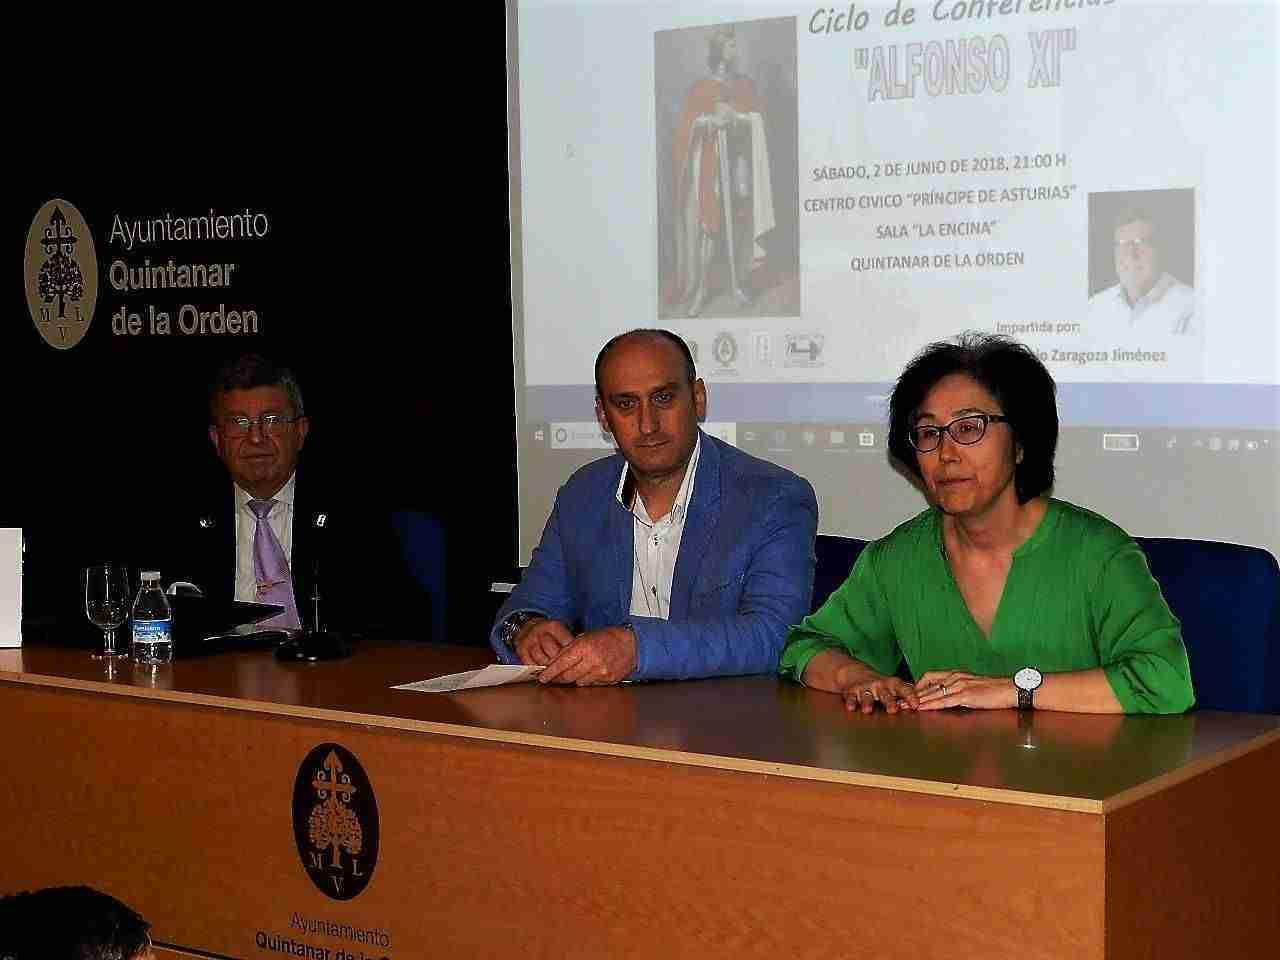 """""""Rey Alfonso XI"""", segunda conferencia del ciclo 700 Aniversario de Quintanar de la Orden 1"""